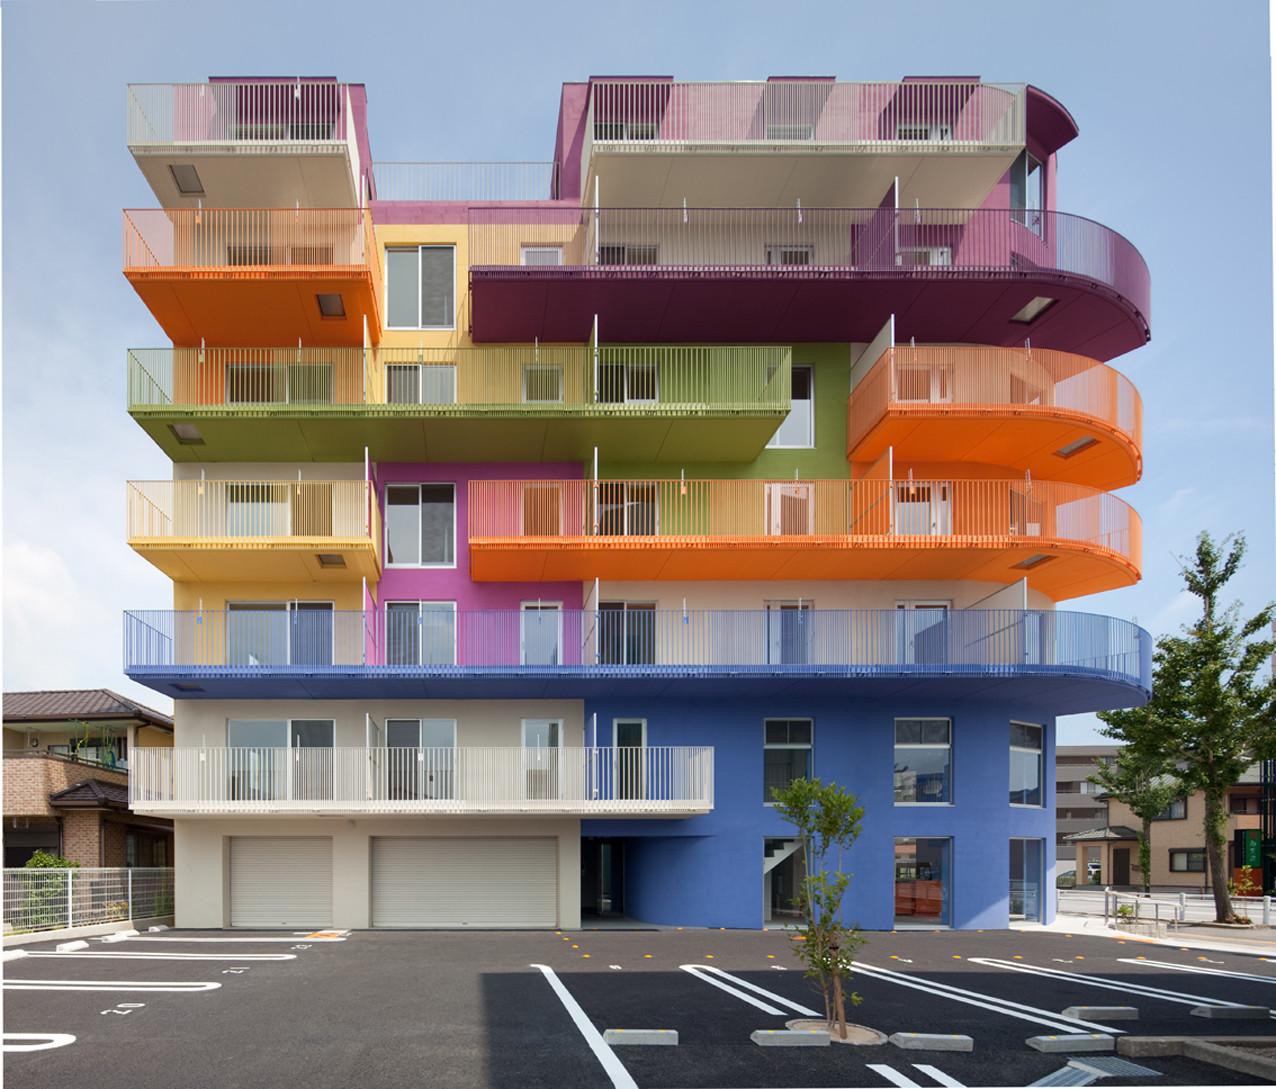 Enviromental Building in Okazaki / Henri Gueydan, © Toshihisa Iishi